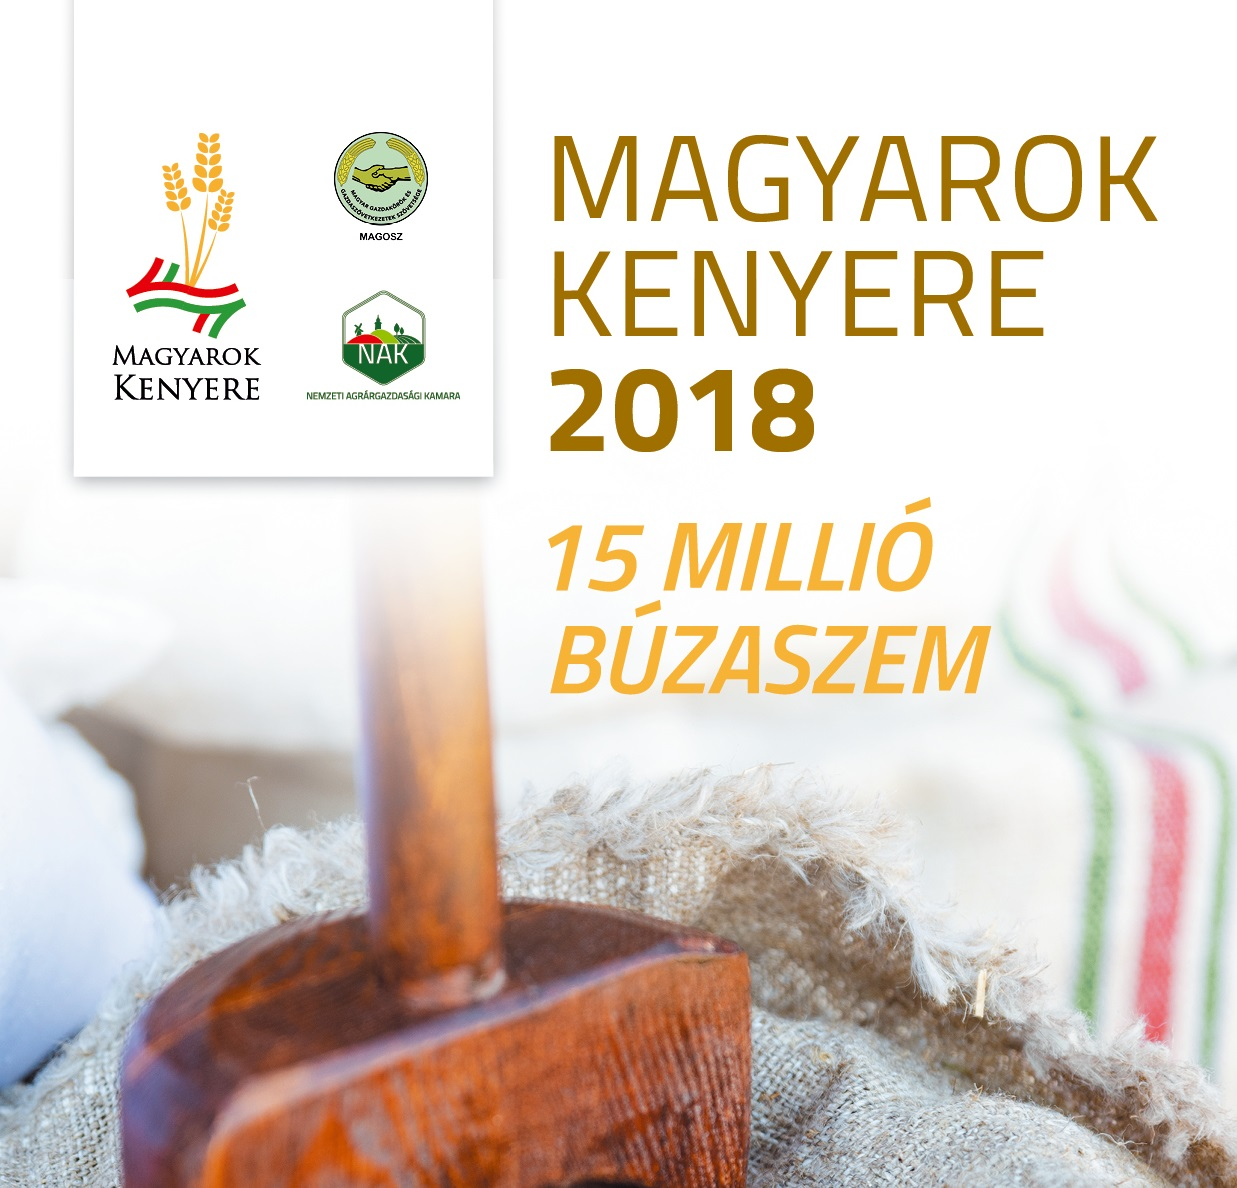 Magyarok Kenyere - 15 millió búzaszem, 2018